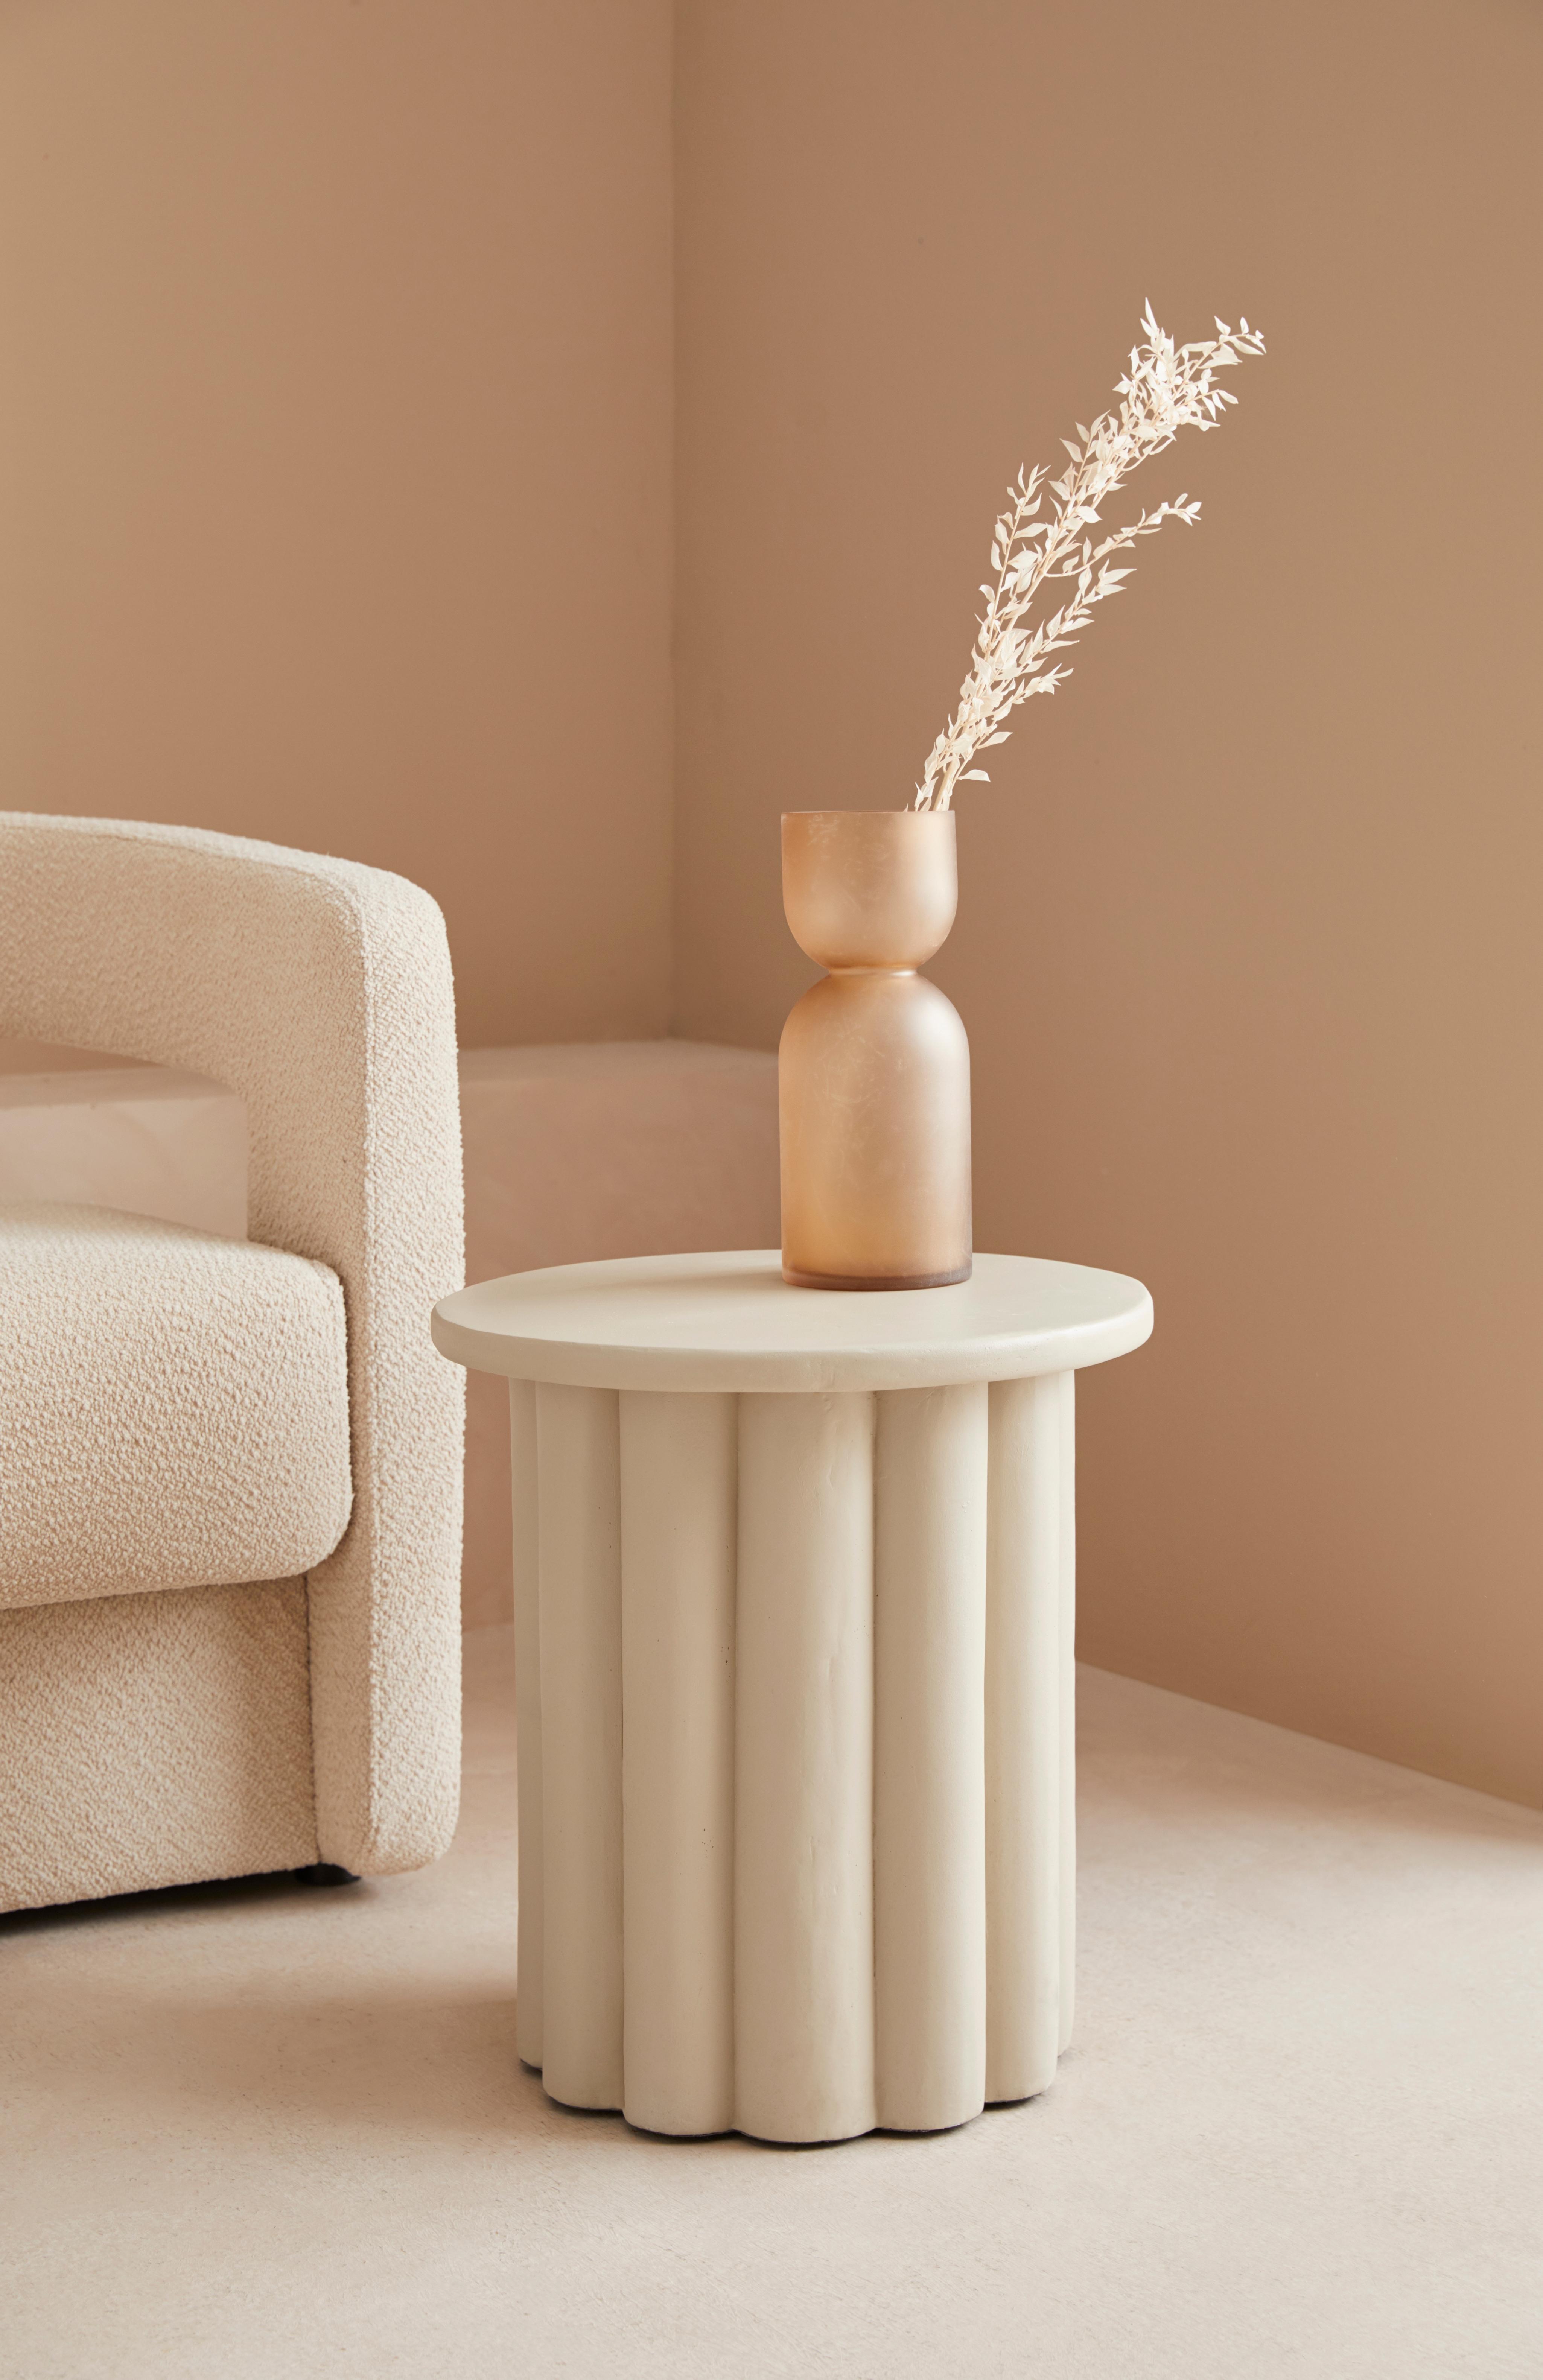 LeGer Home by Lena Gercke Beistelltisch Zena, in Betonoptik, moderne Form beige Beistelltische Tische